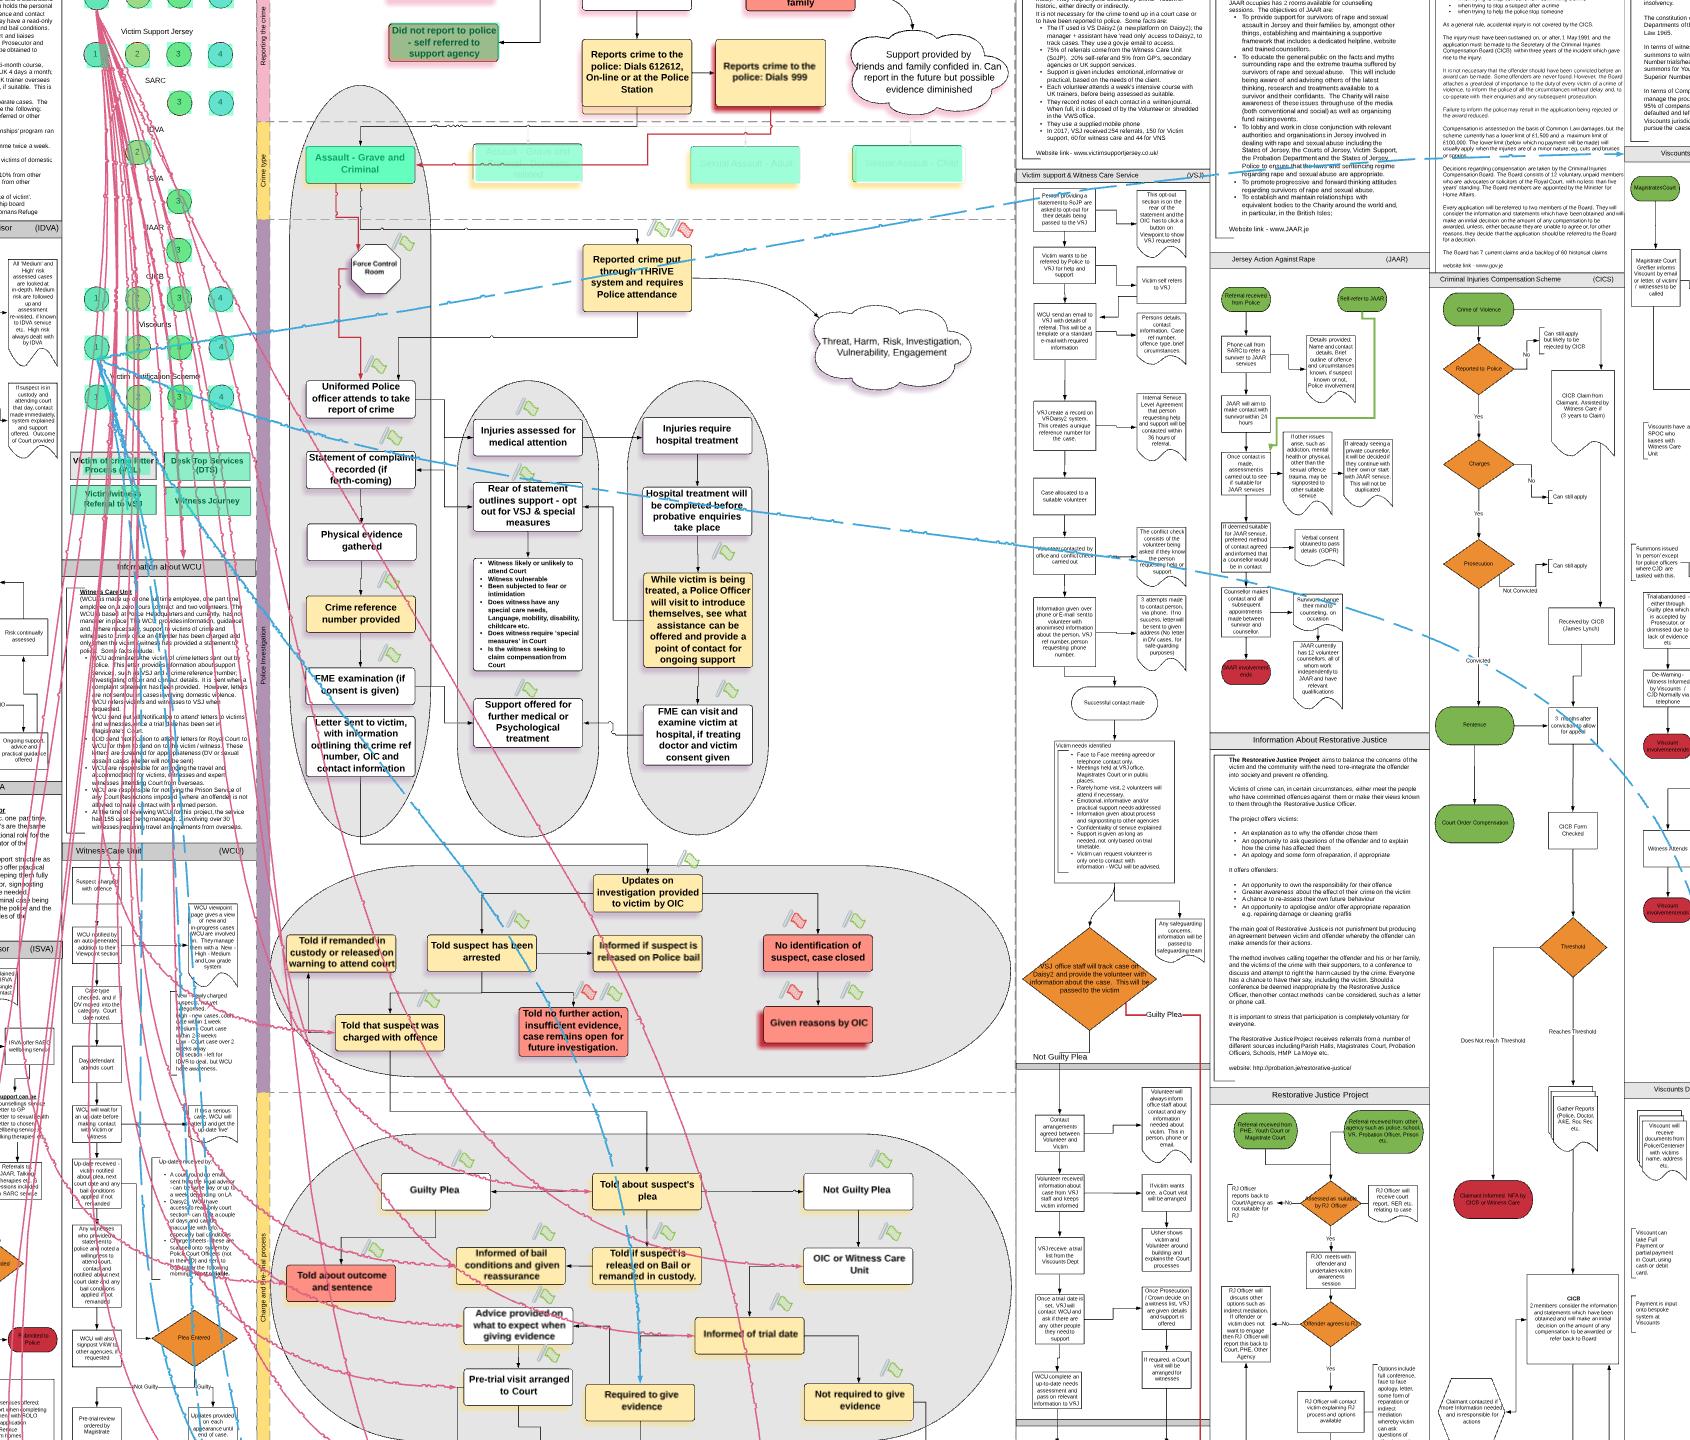 criminal justice system diagram